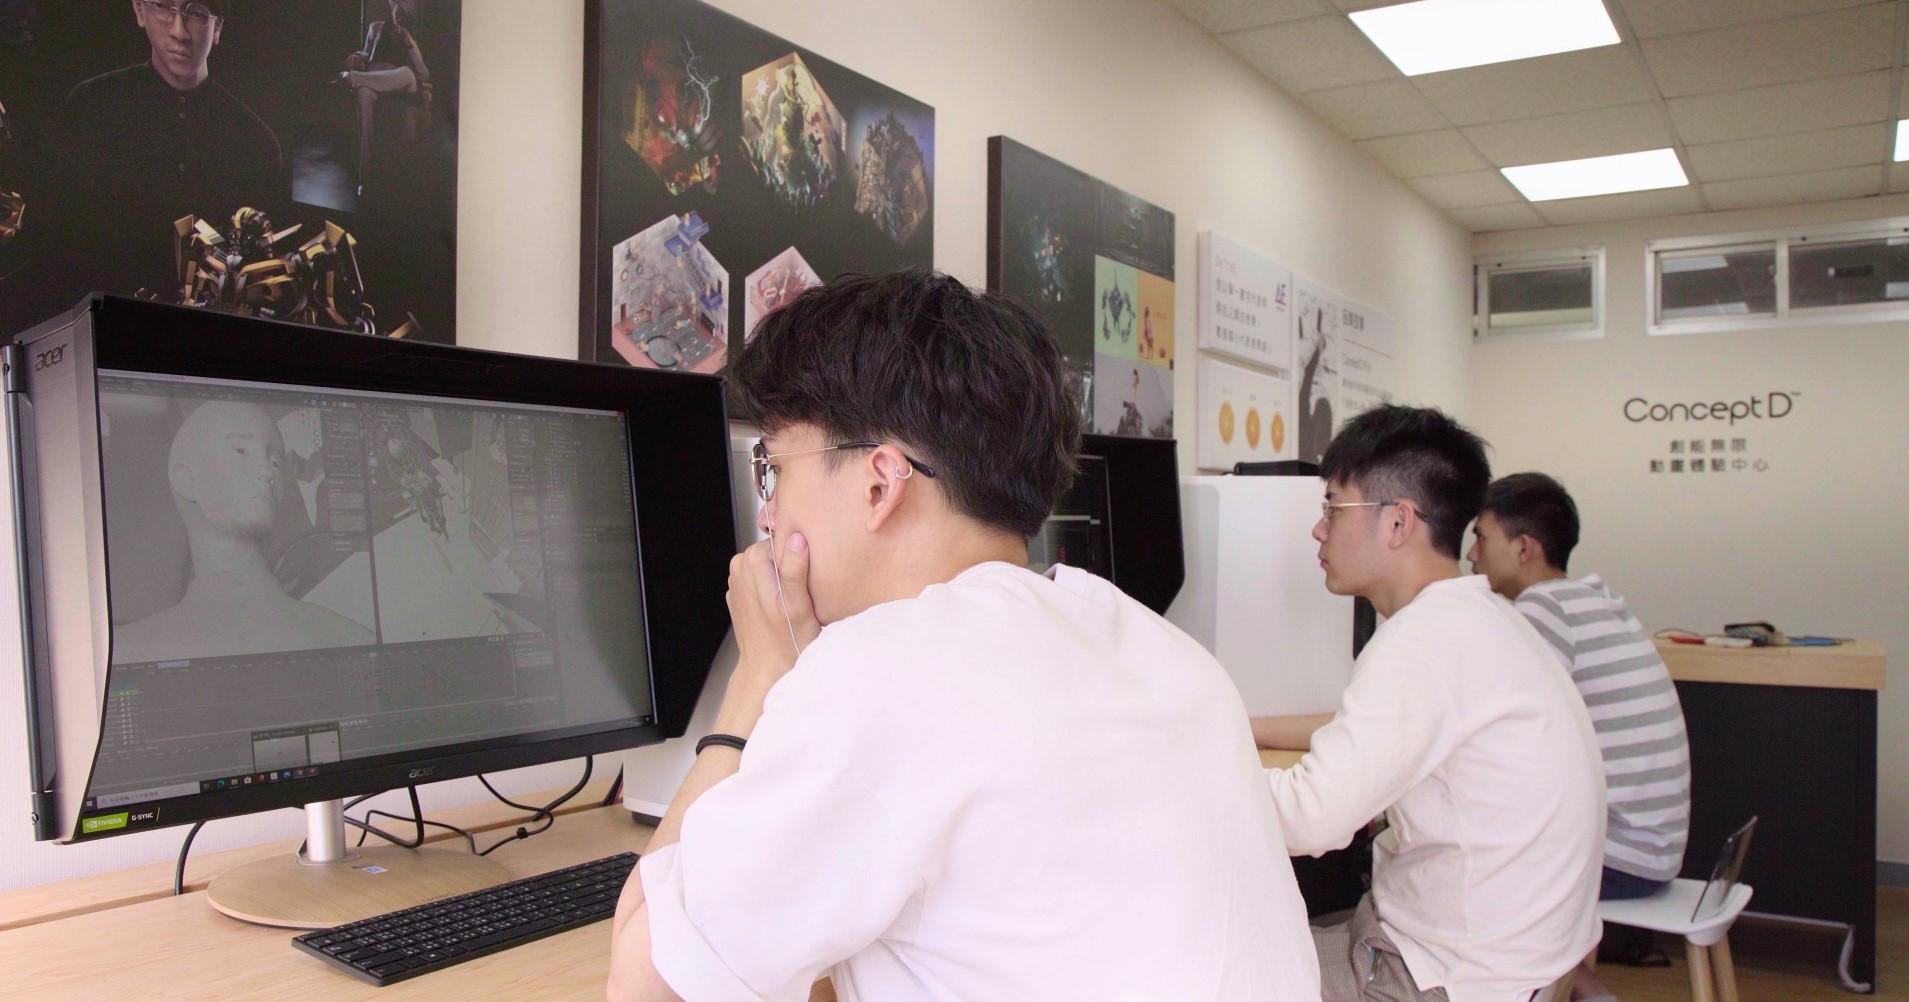 宏碁攜手臺科大成立ConceptD動畫中心,9件畢業作品獲2020金點新秀設計獎